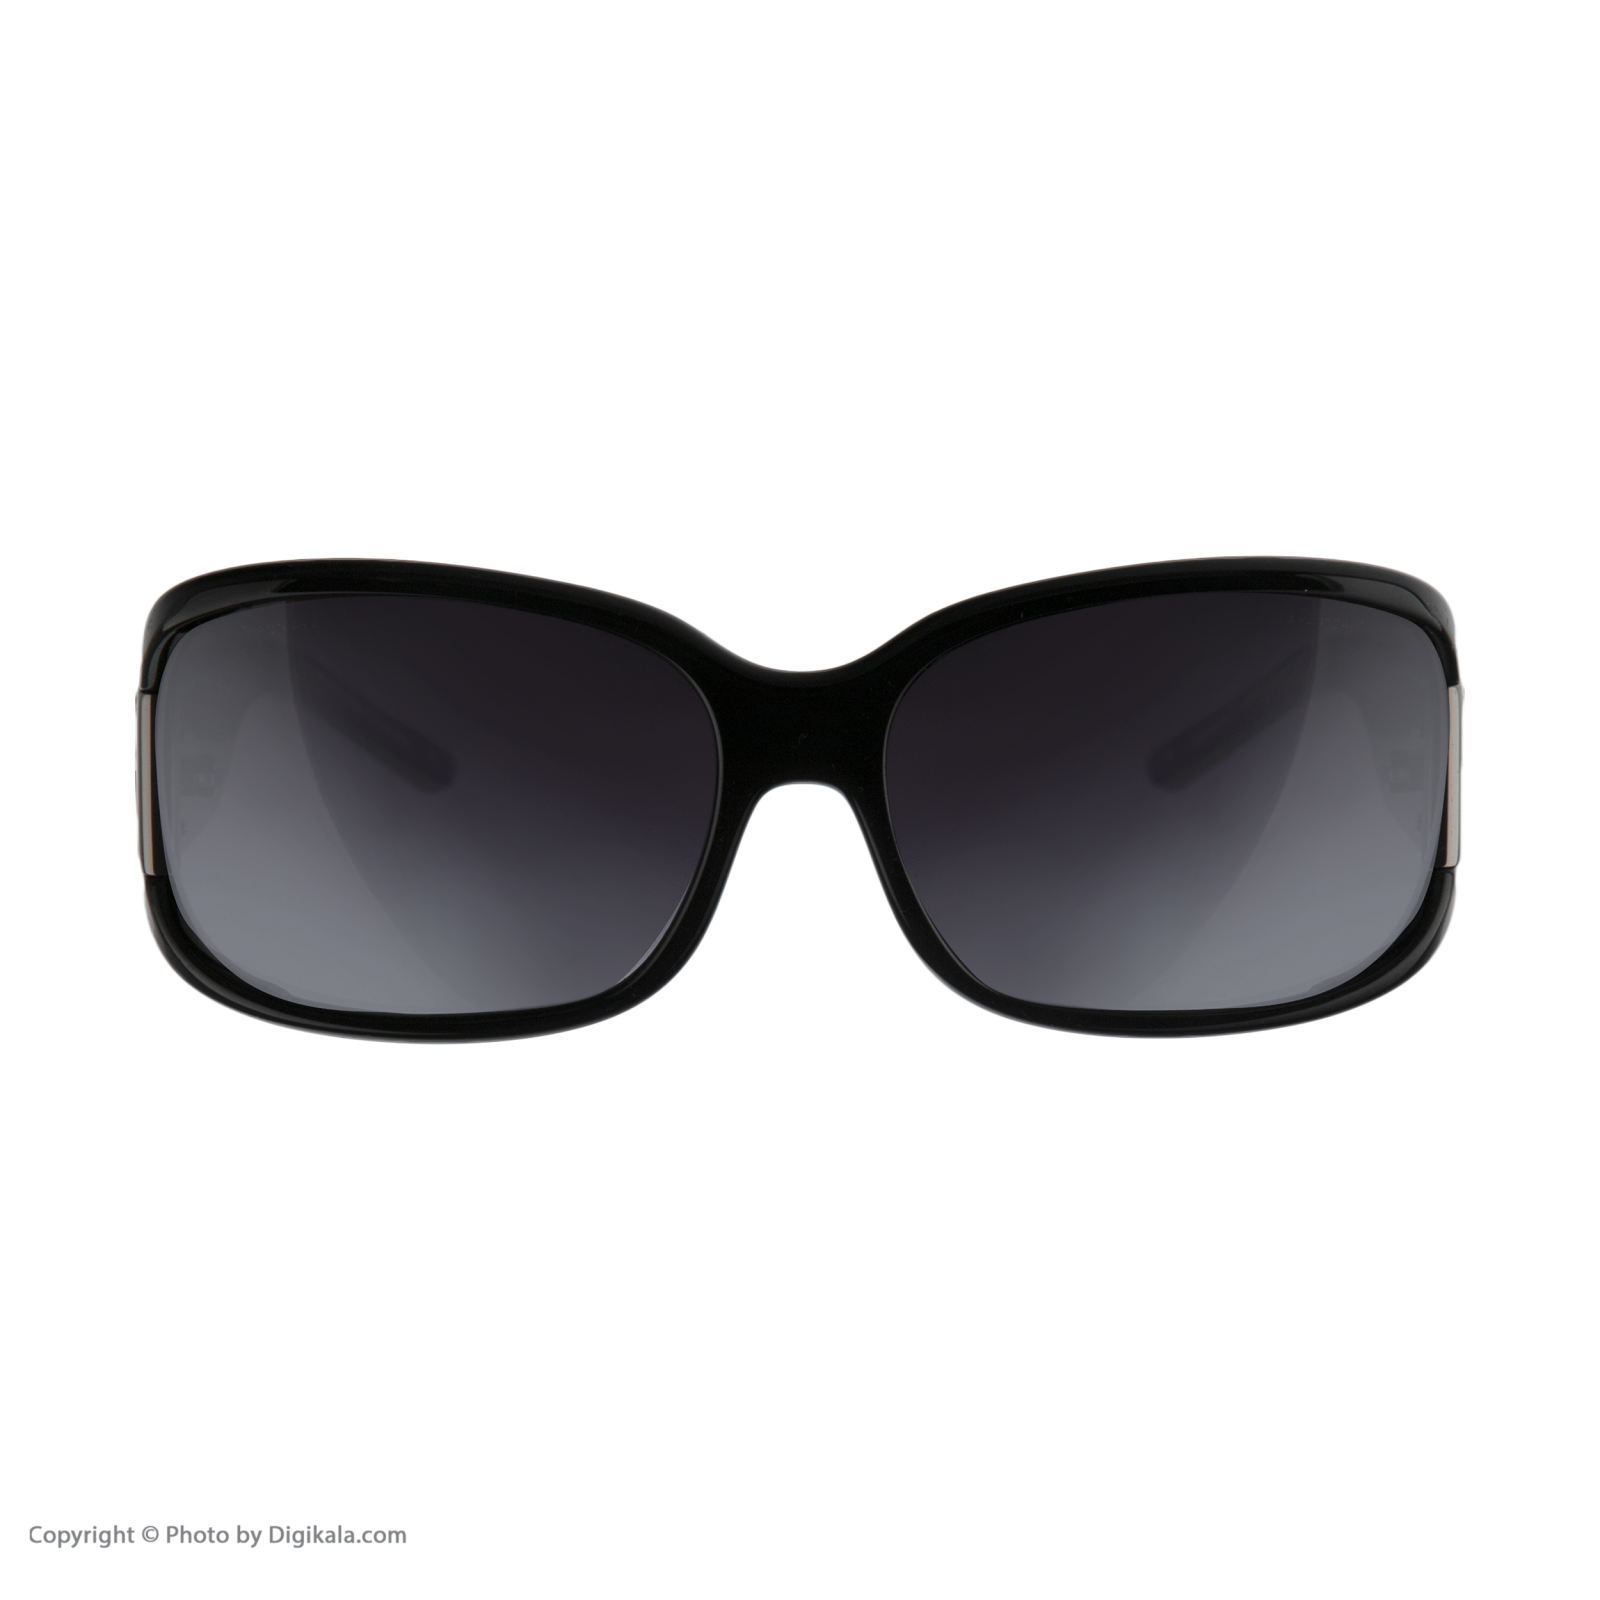 عینک آفتابی زنانه بربری مدل BE 4071S 316411 61 -  - 3